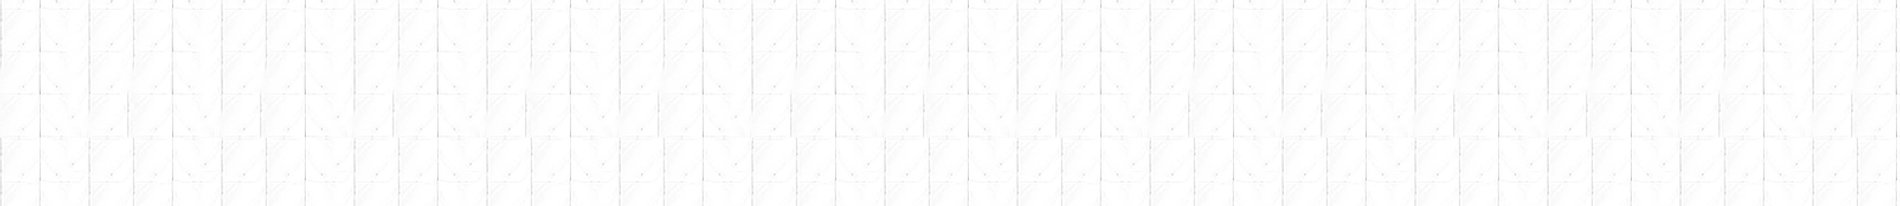 Azulejos Brancos, Quinta do Torneiro.jpg